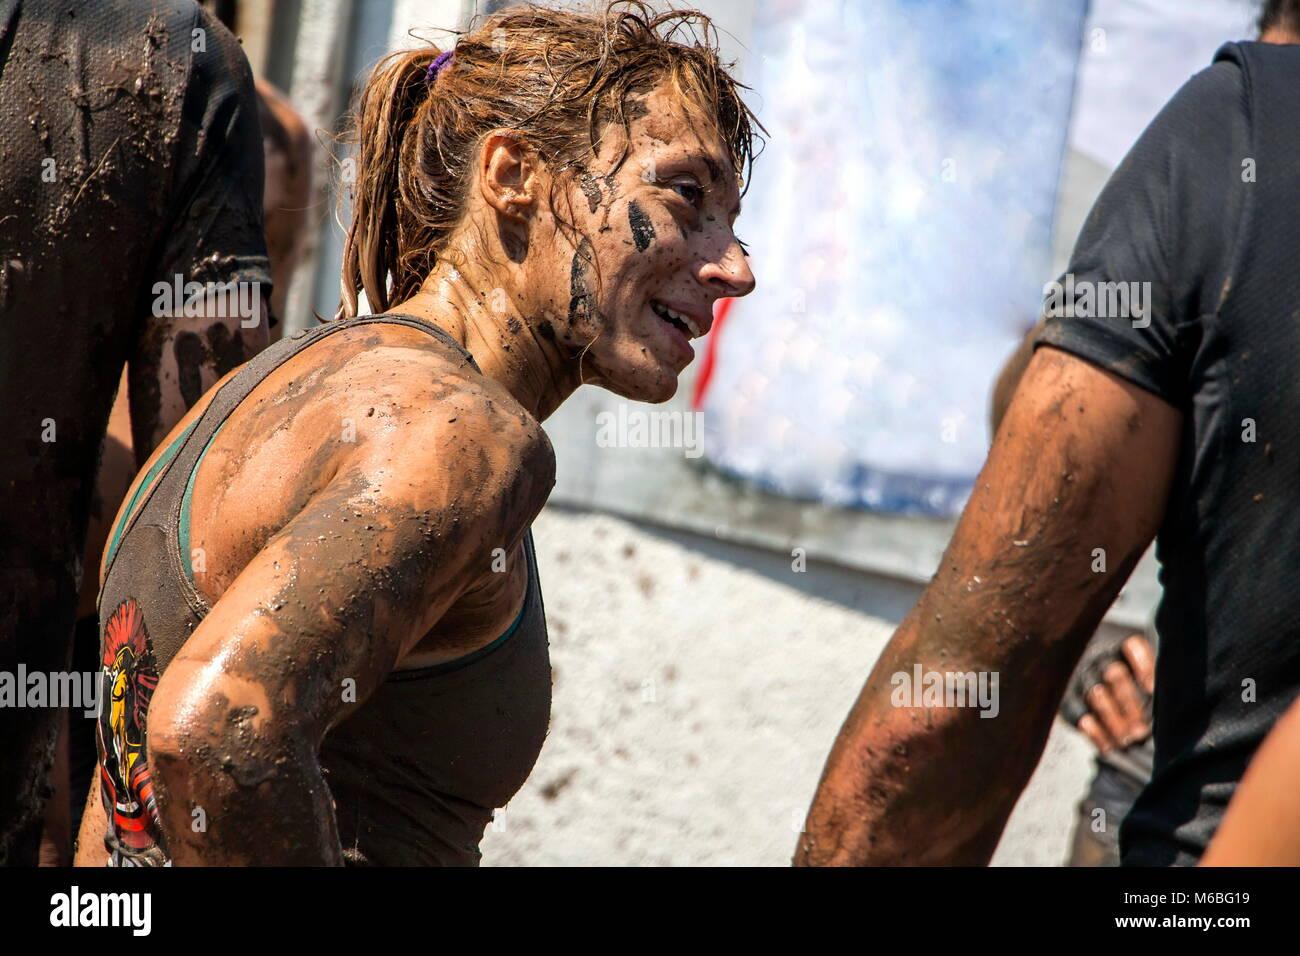 Giovane donna sorridente dopo il superamento di ultima sfida in un'aperta sfida sportiva; nozione di coraggio, determinazione Foto Stock